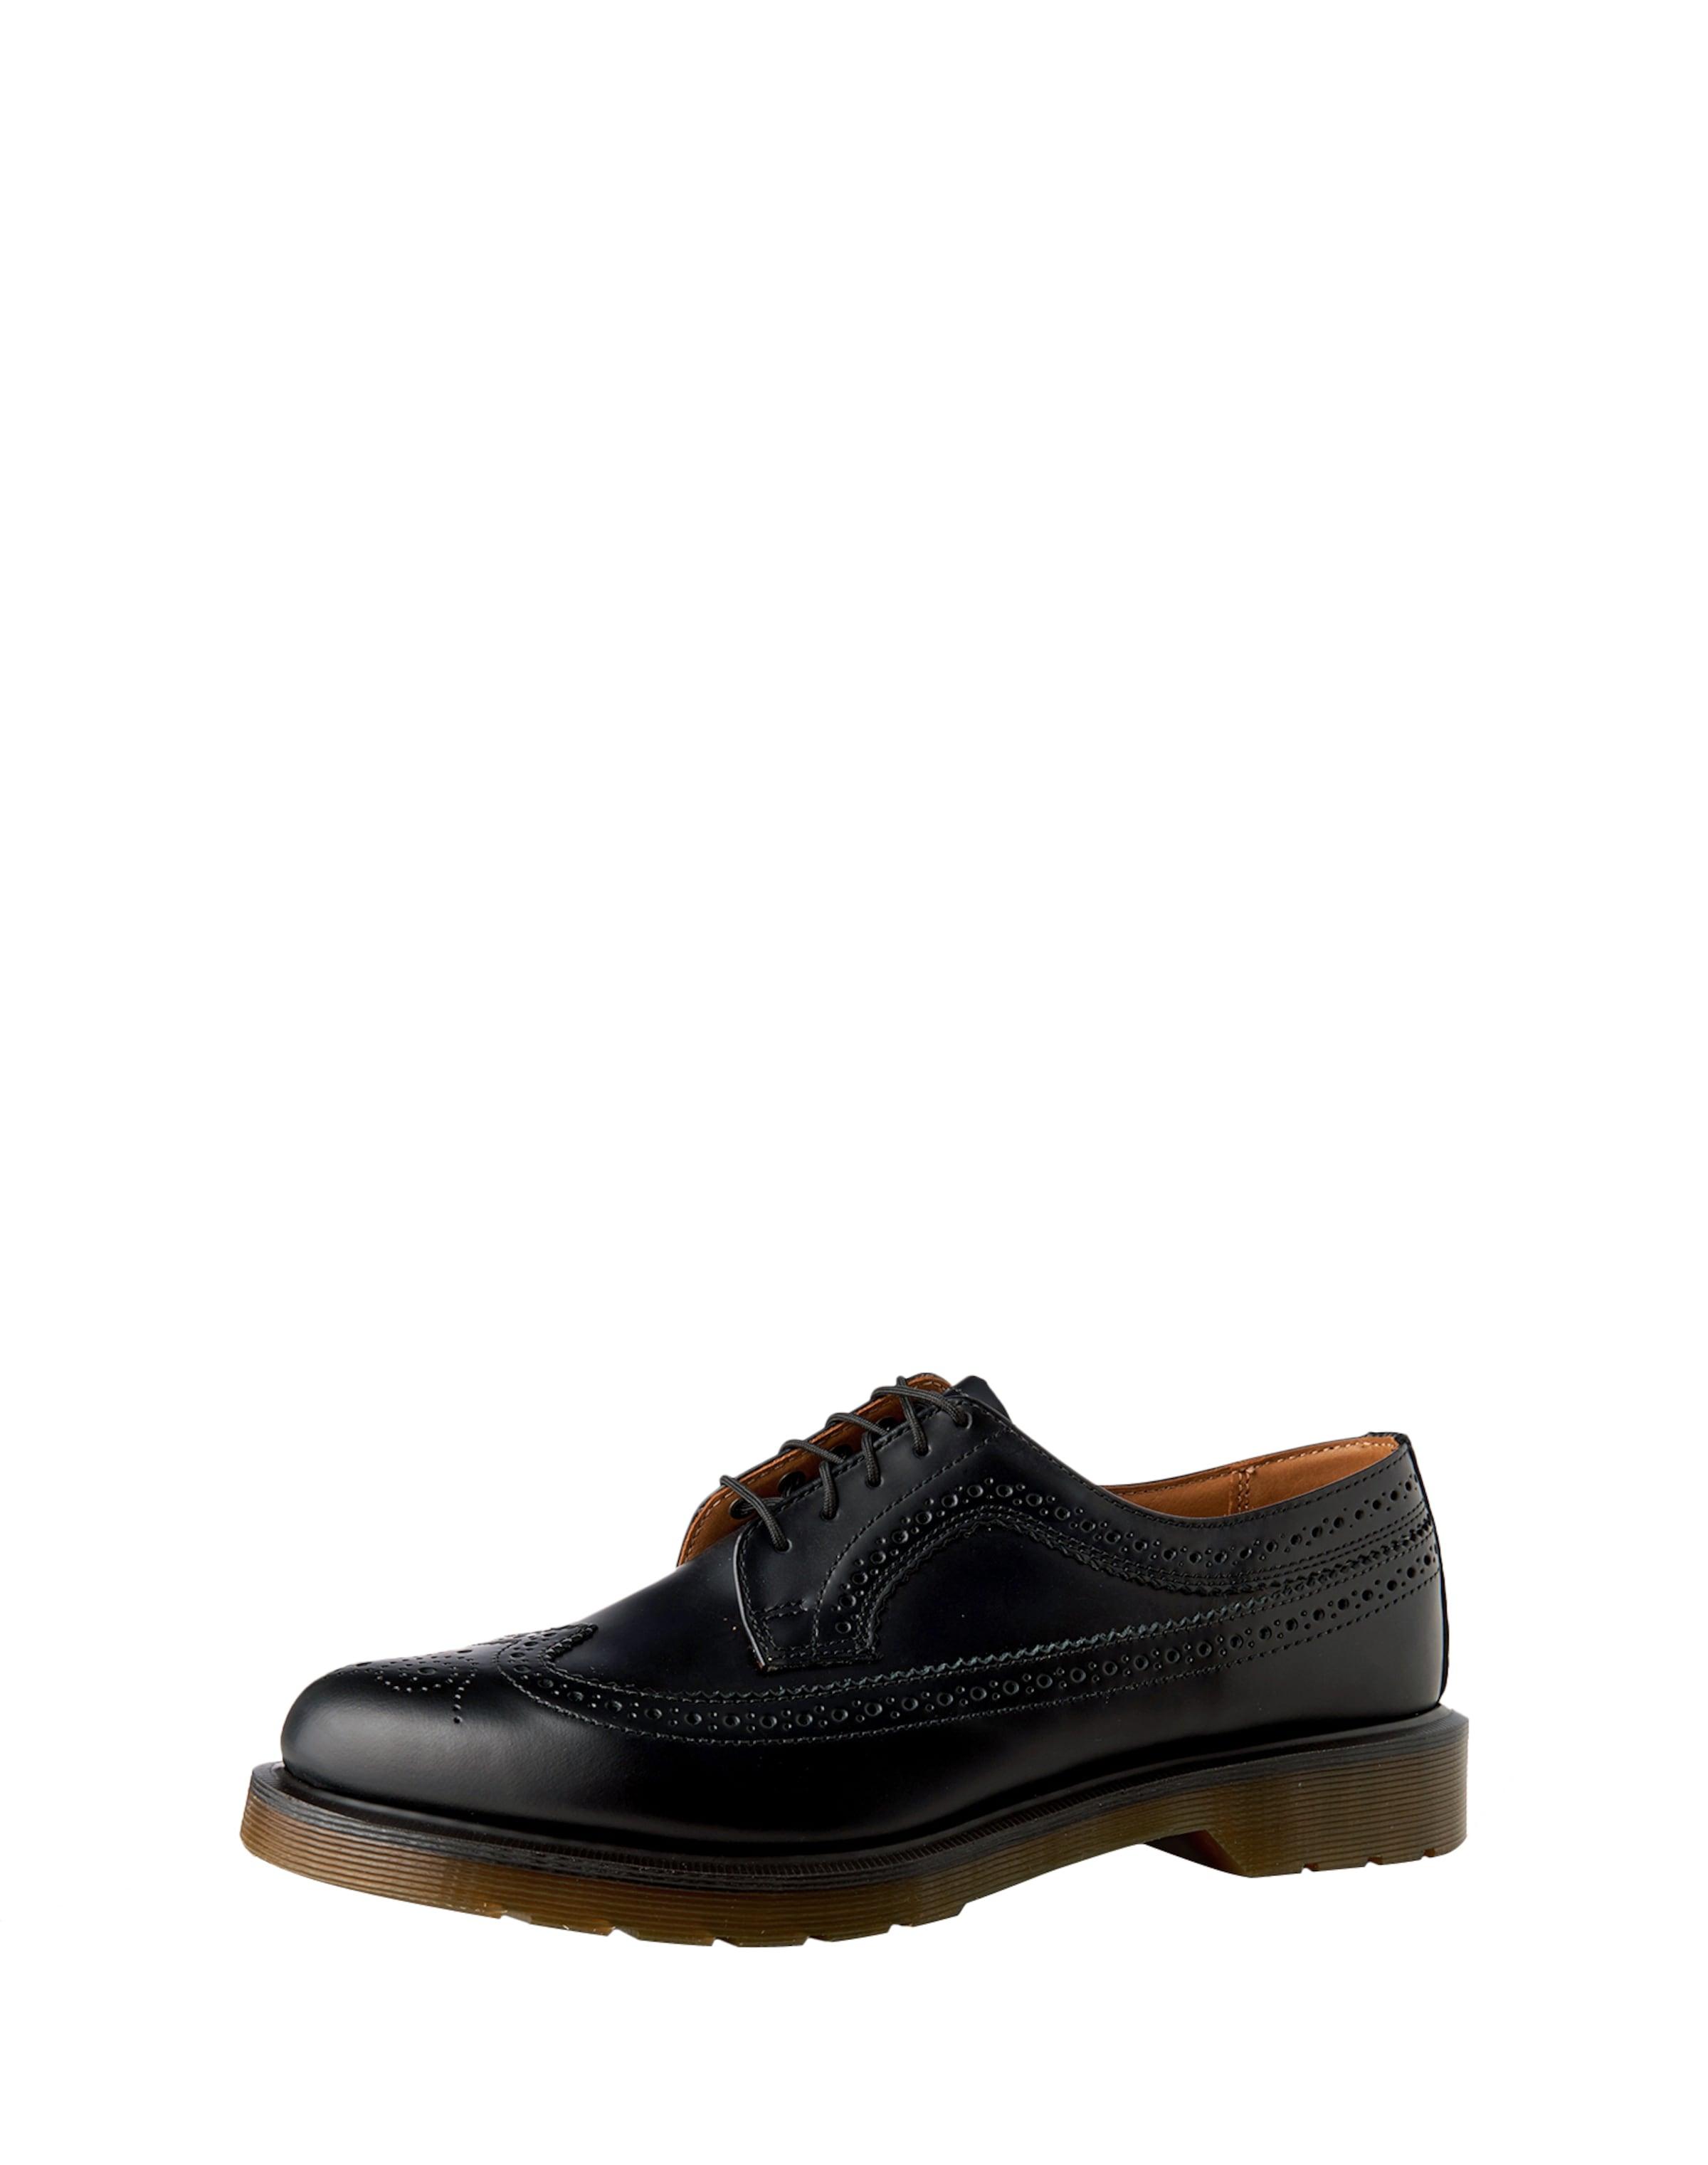 Dr. Martens Dentelle Chaussures '3989 59 Dernier Brogue' Brun Z48Sqr6